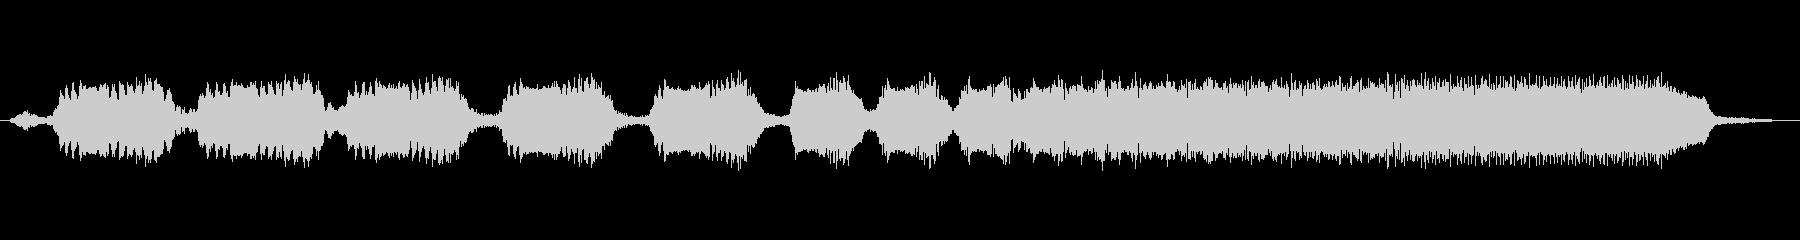 フィクション スペース キックスタ...の未再生の波形